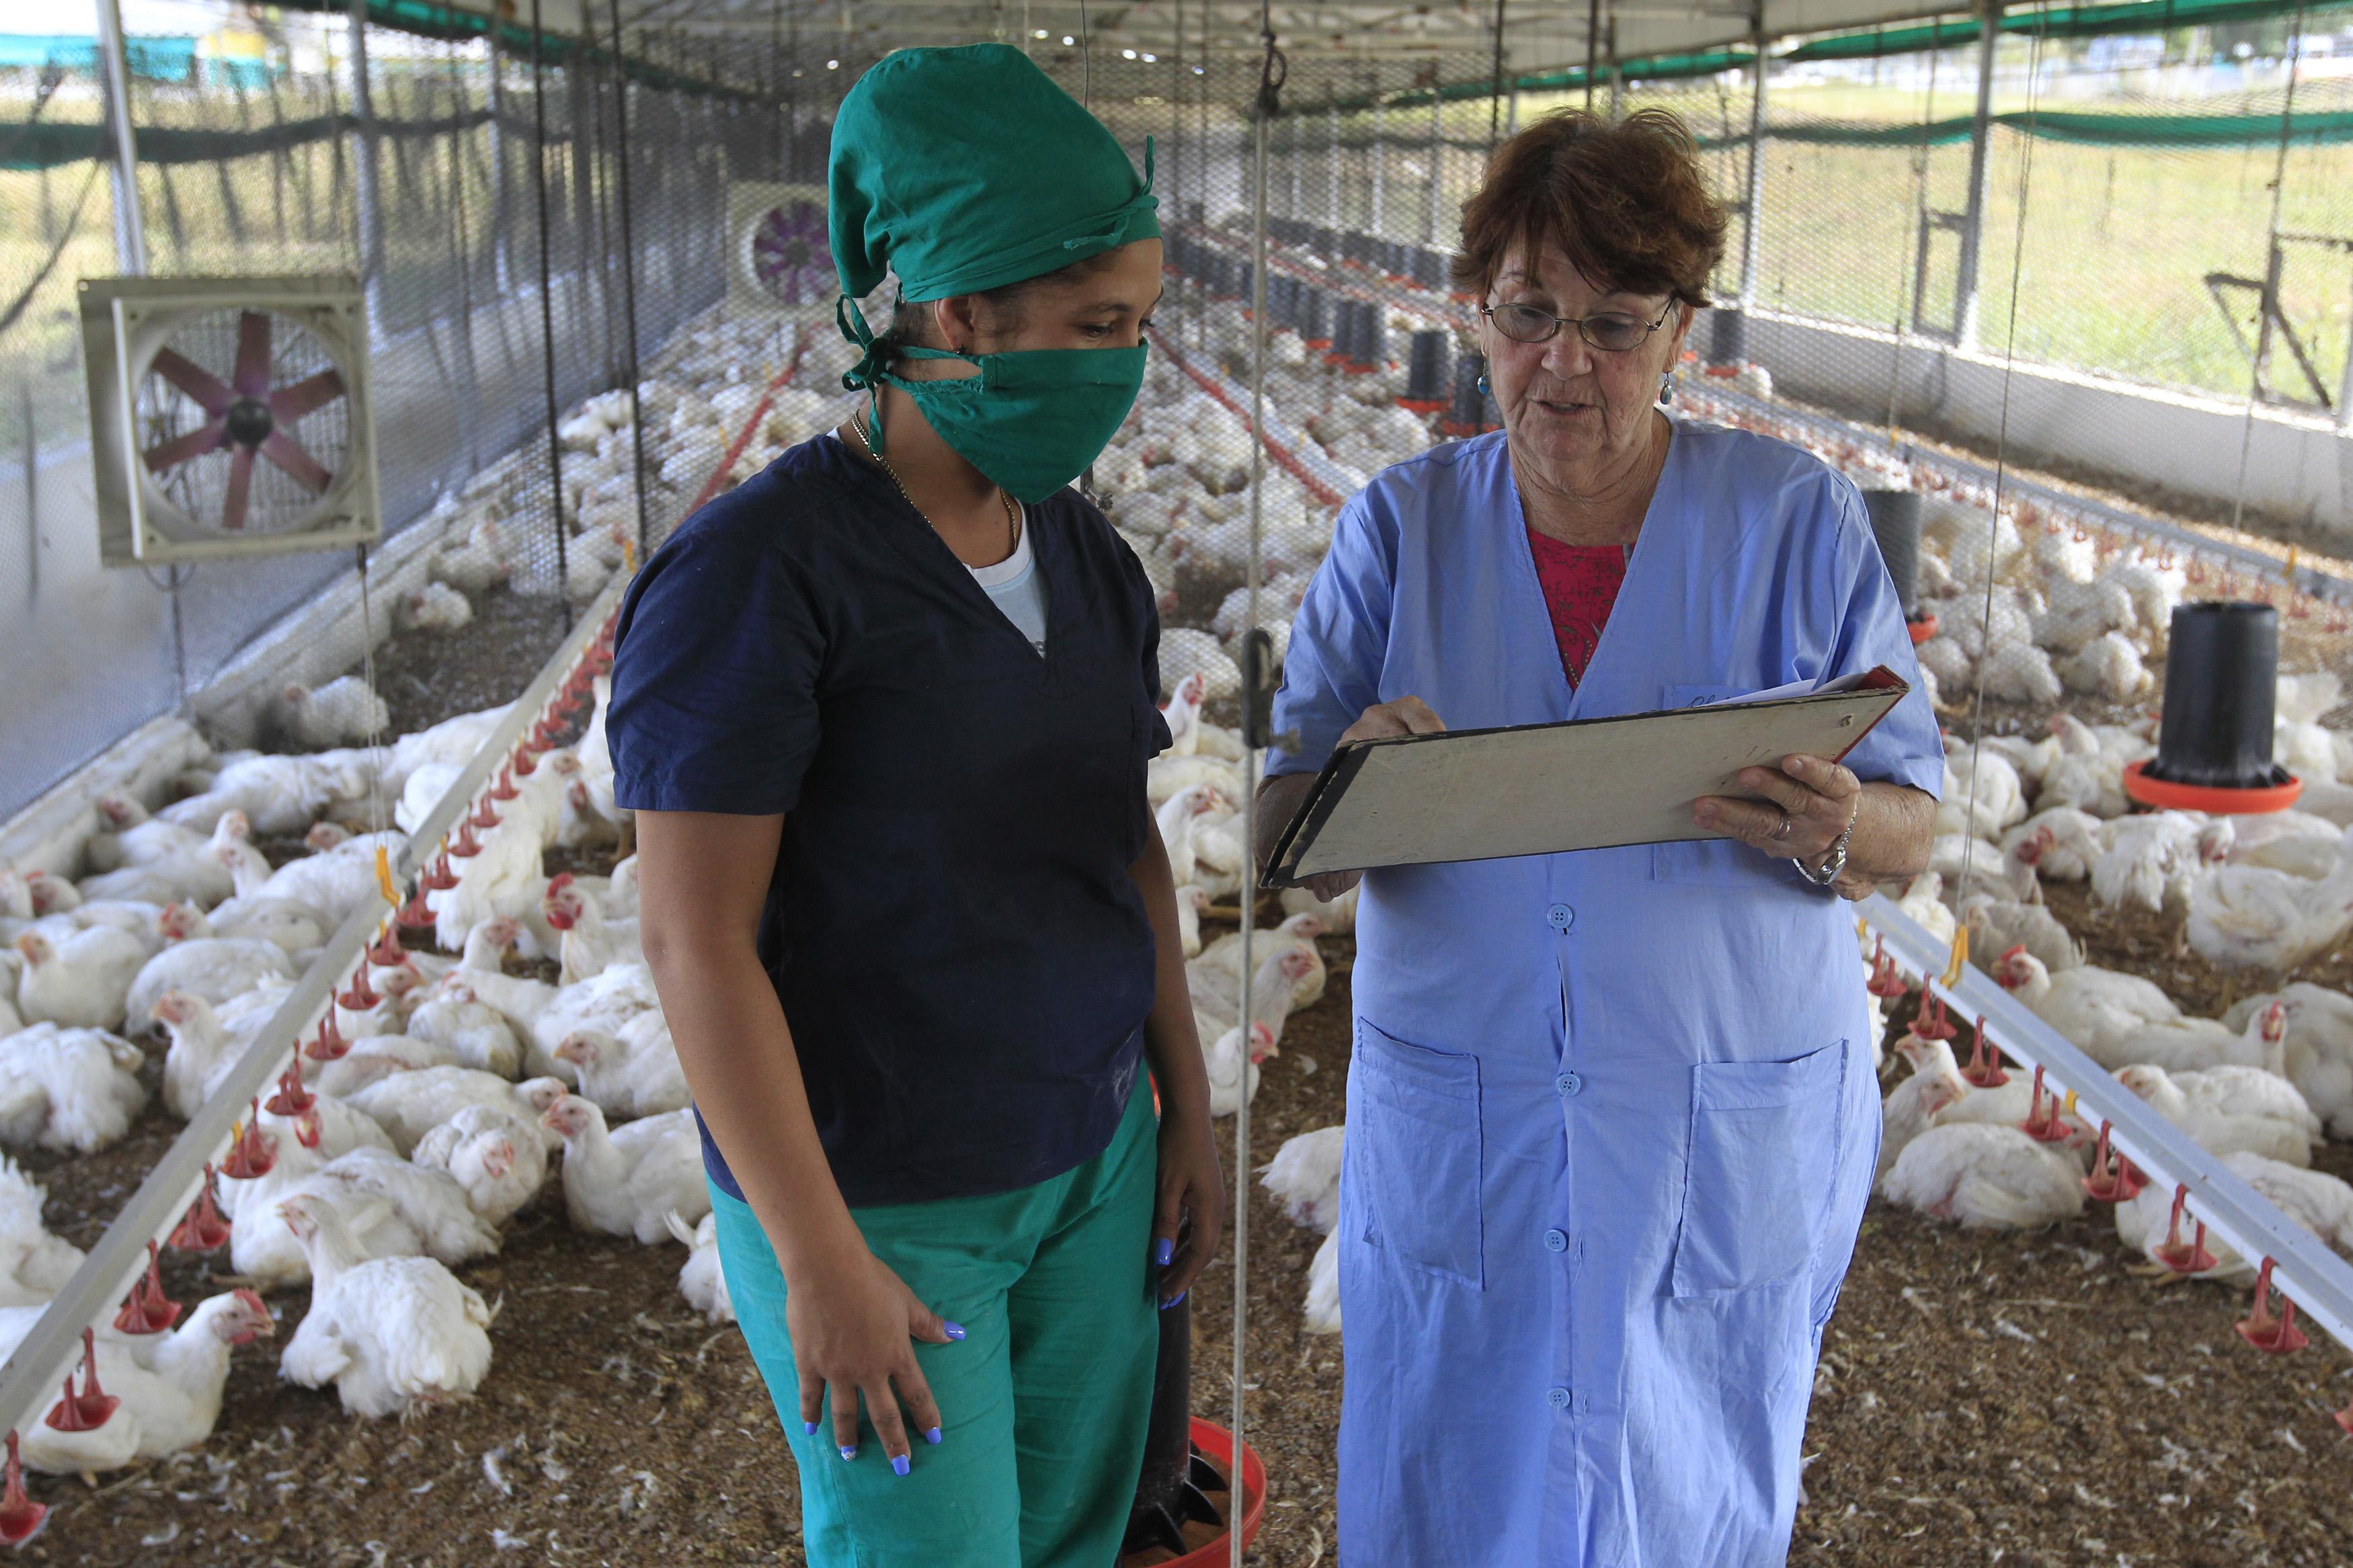 La auxiliar de investigación Daniubis Abad (I) conversa con la bióloga Ofelia Godínez, en una nave del Instituto de Investigaciones Avícolas (IIA), perteneciente al Ministerio de Agricultura, que es pionero en el país en implementar una estrategia de género. Municipio Boyeros, La Habana, Cuba.17 de diciembre de 2019. Crédito: Jorge Luis Baños/IPS